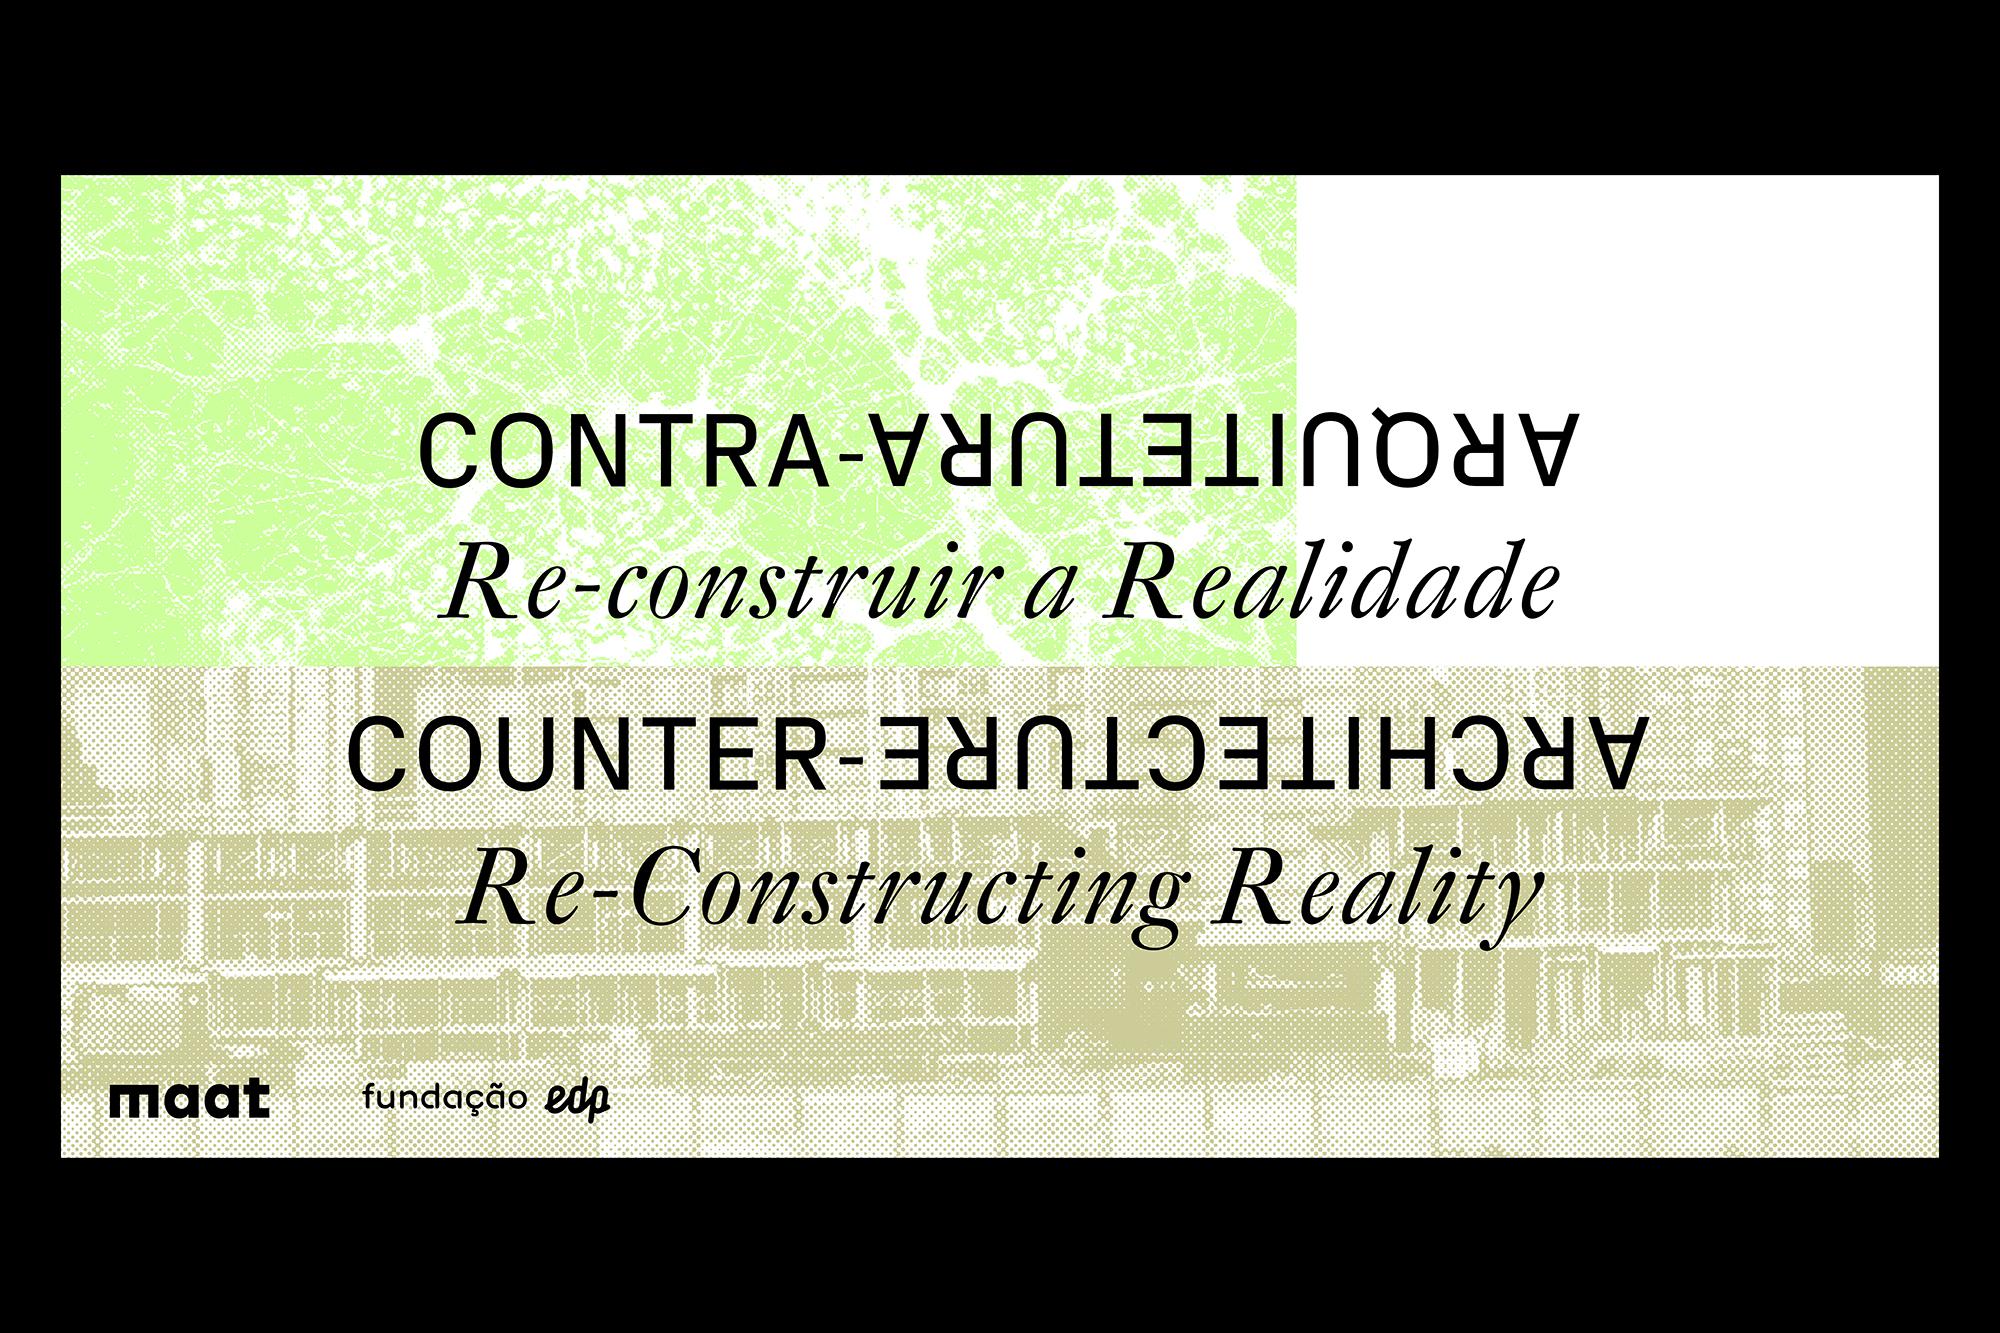 João M. Machado – Efabula – Contra-Arquitetura (3 of 7)